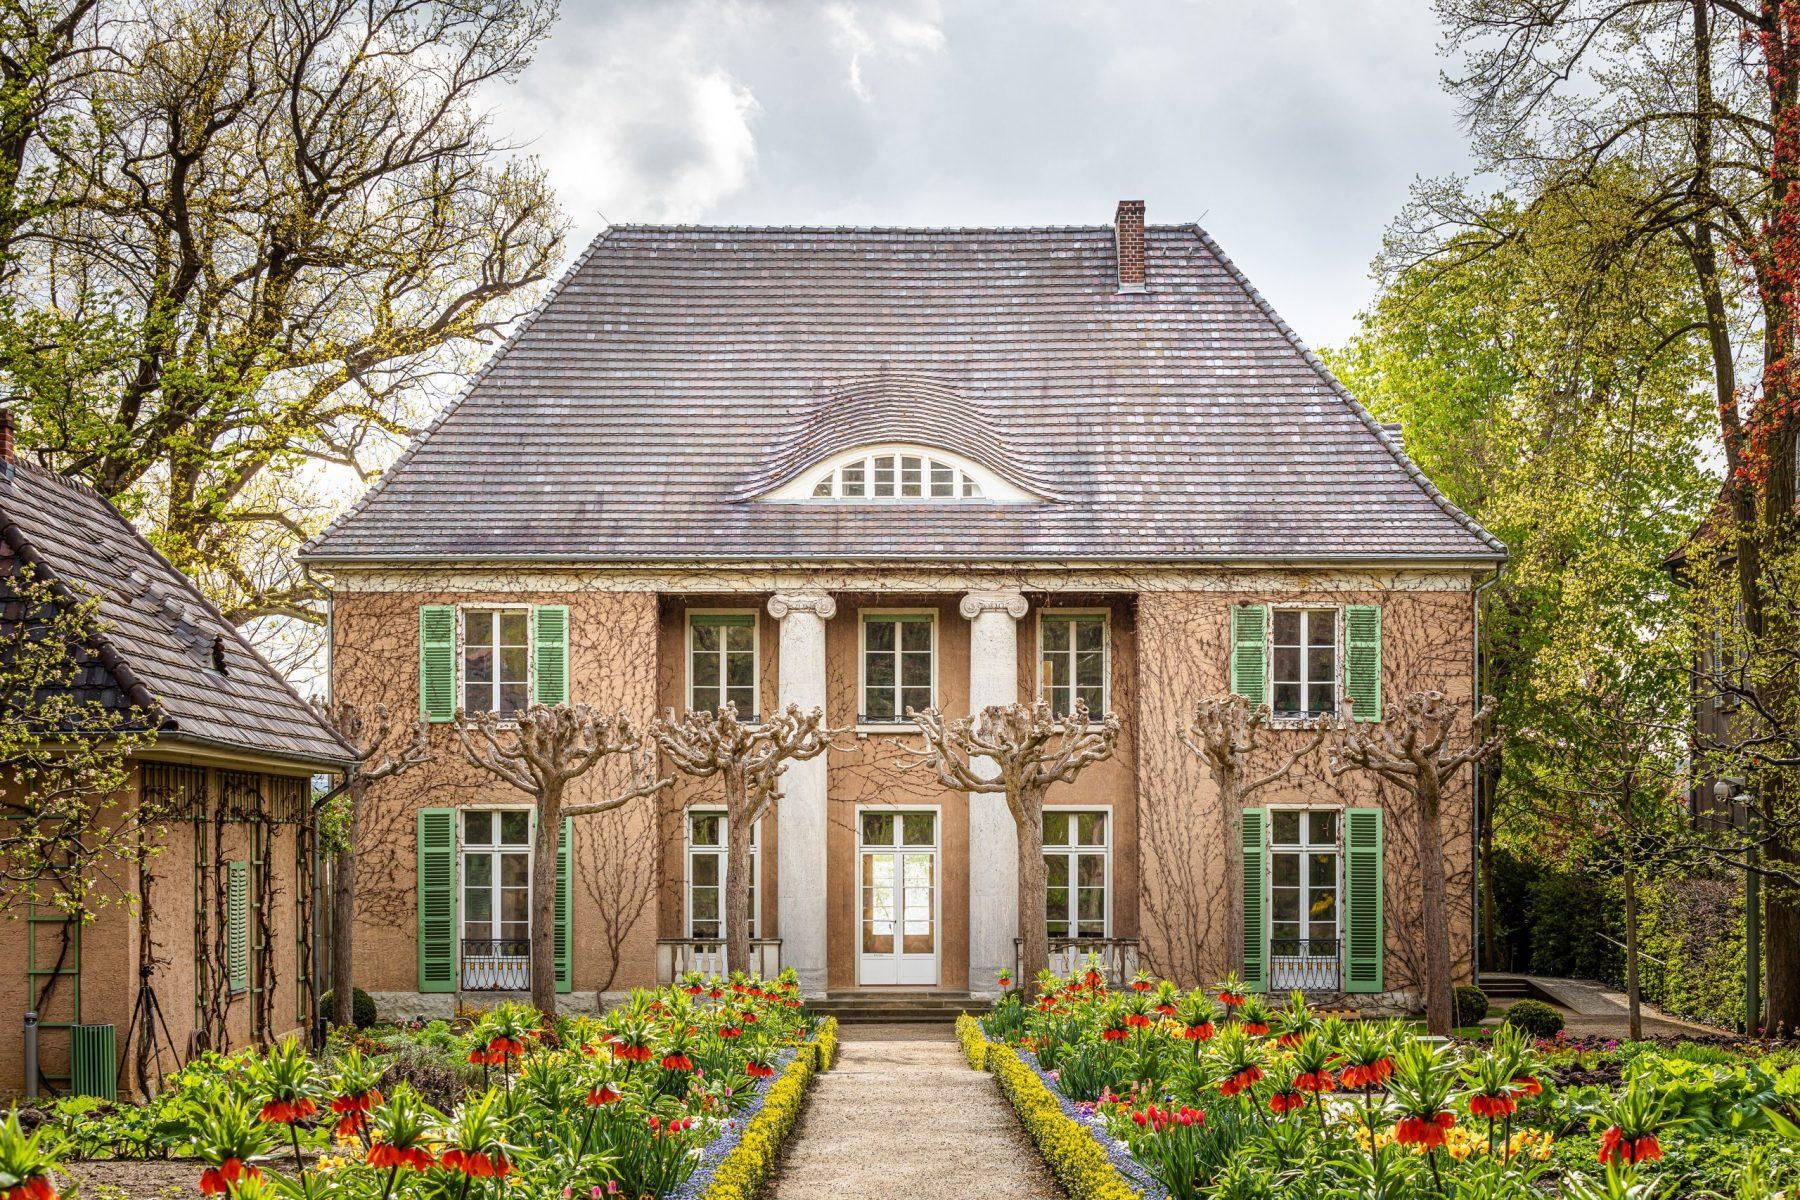 Frontseite der Liebermann-Villa mit blühenden Beeten davor. Links im Bild lässt sich ein Stück des Museumsshops erkennen.